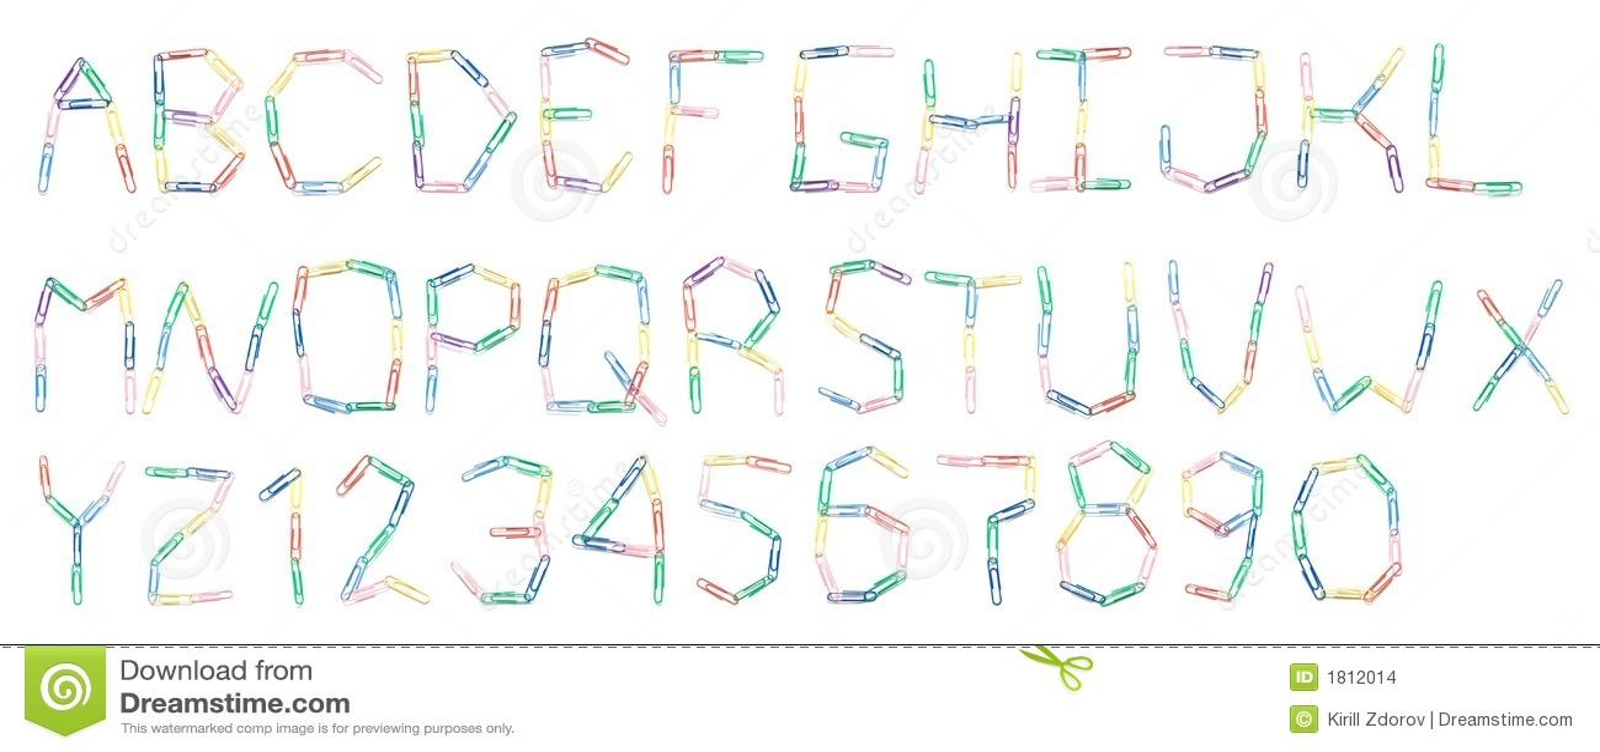 Alfabeto de paperclips